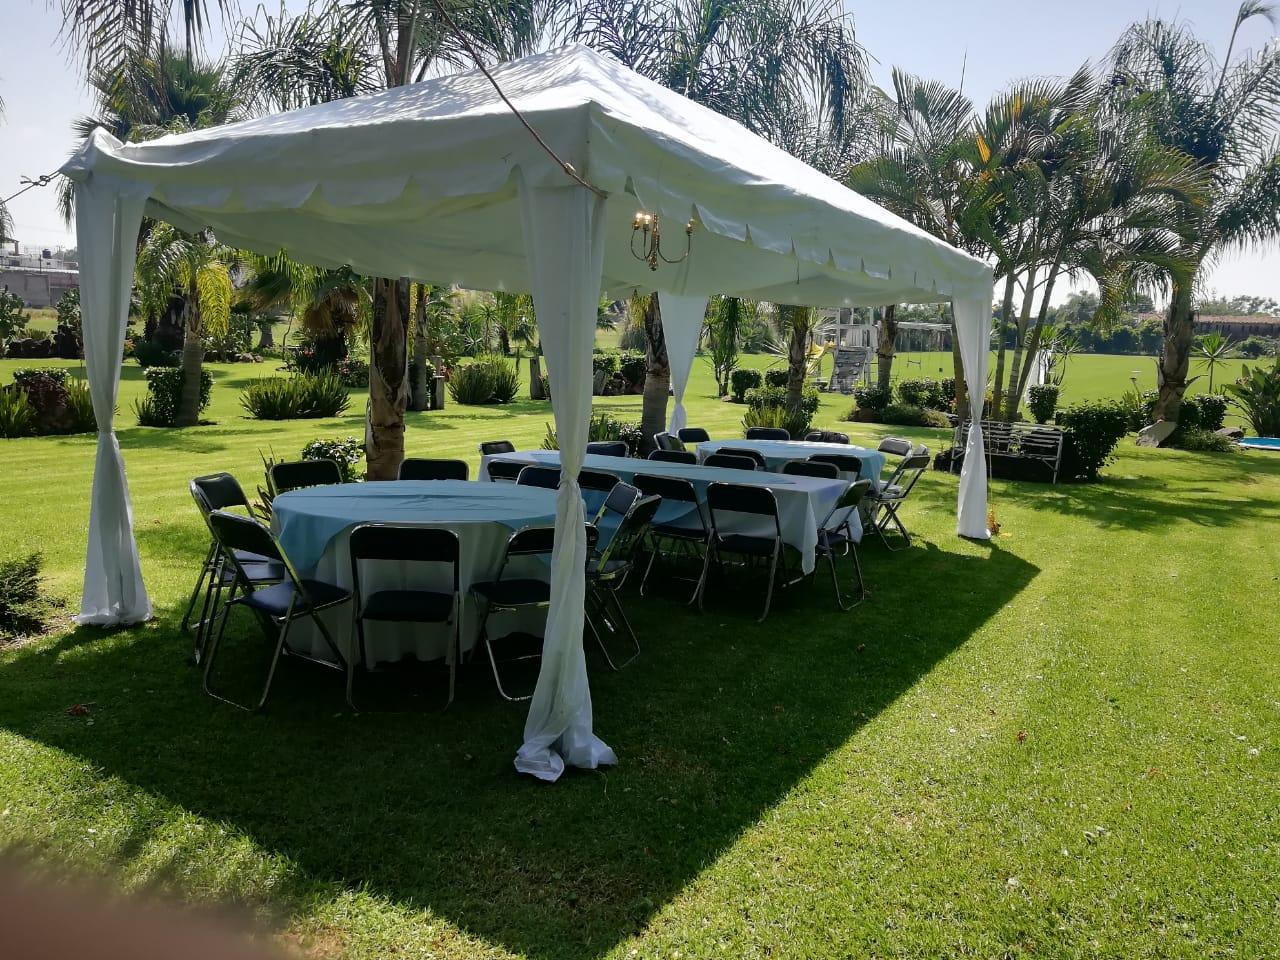 Imagen 2 del espacio Jardín rancho santa anita en Tlaquepaque, México